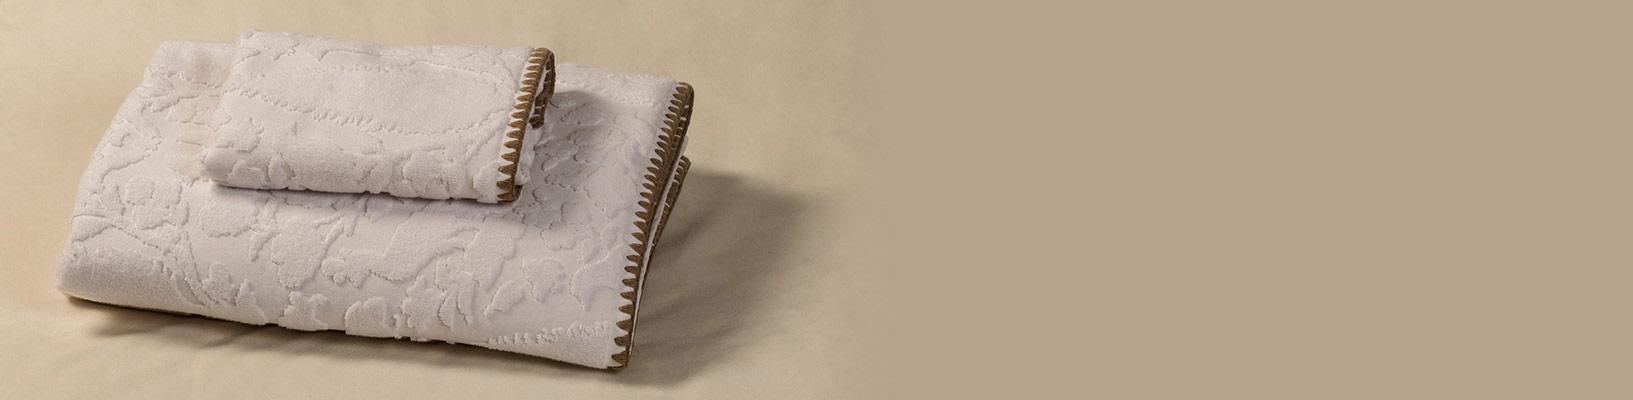 Toallas cero torsión para baños